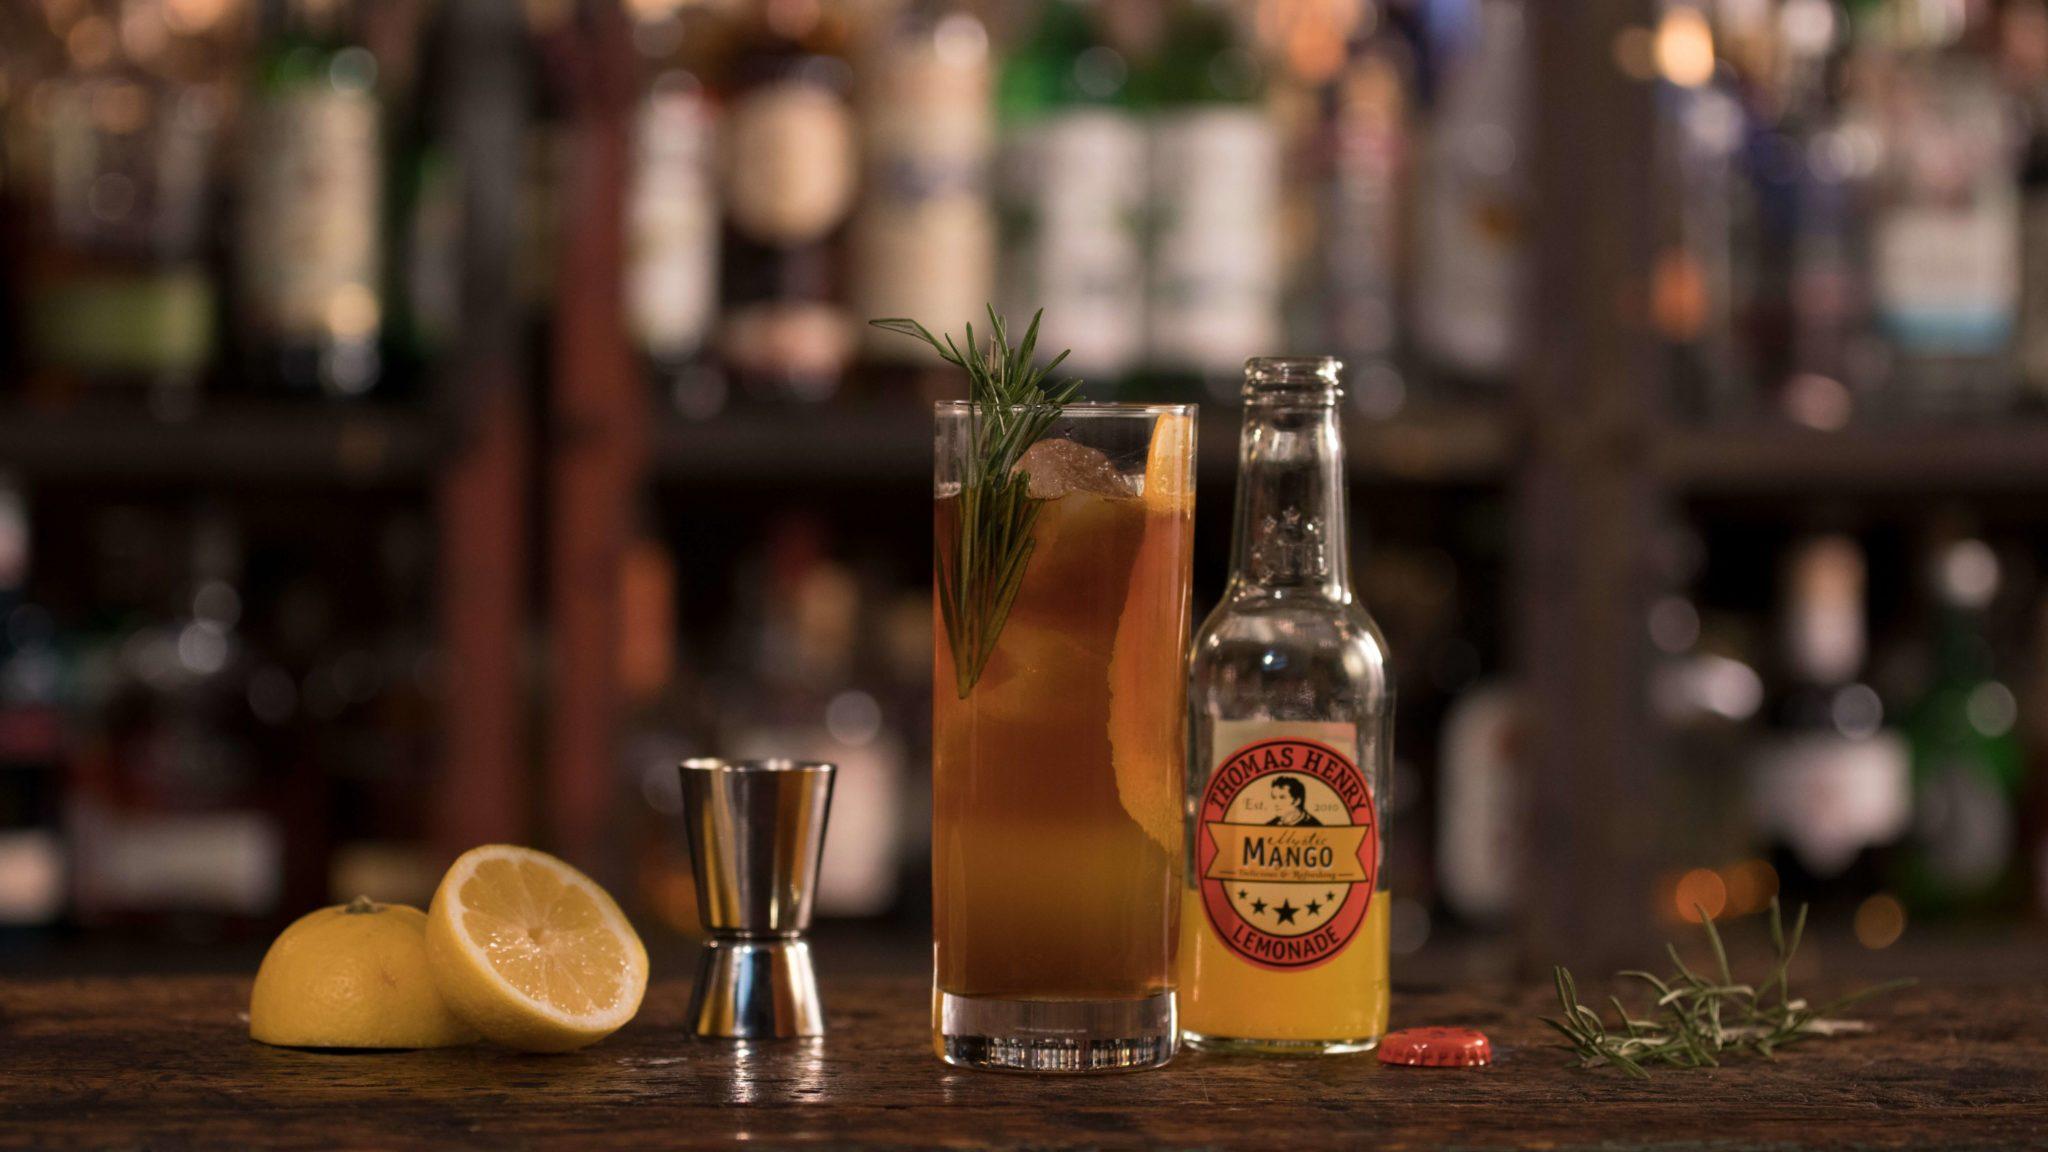 Der Drink Fräulein Elster mit Thomas Henry Mystic Mango